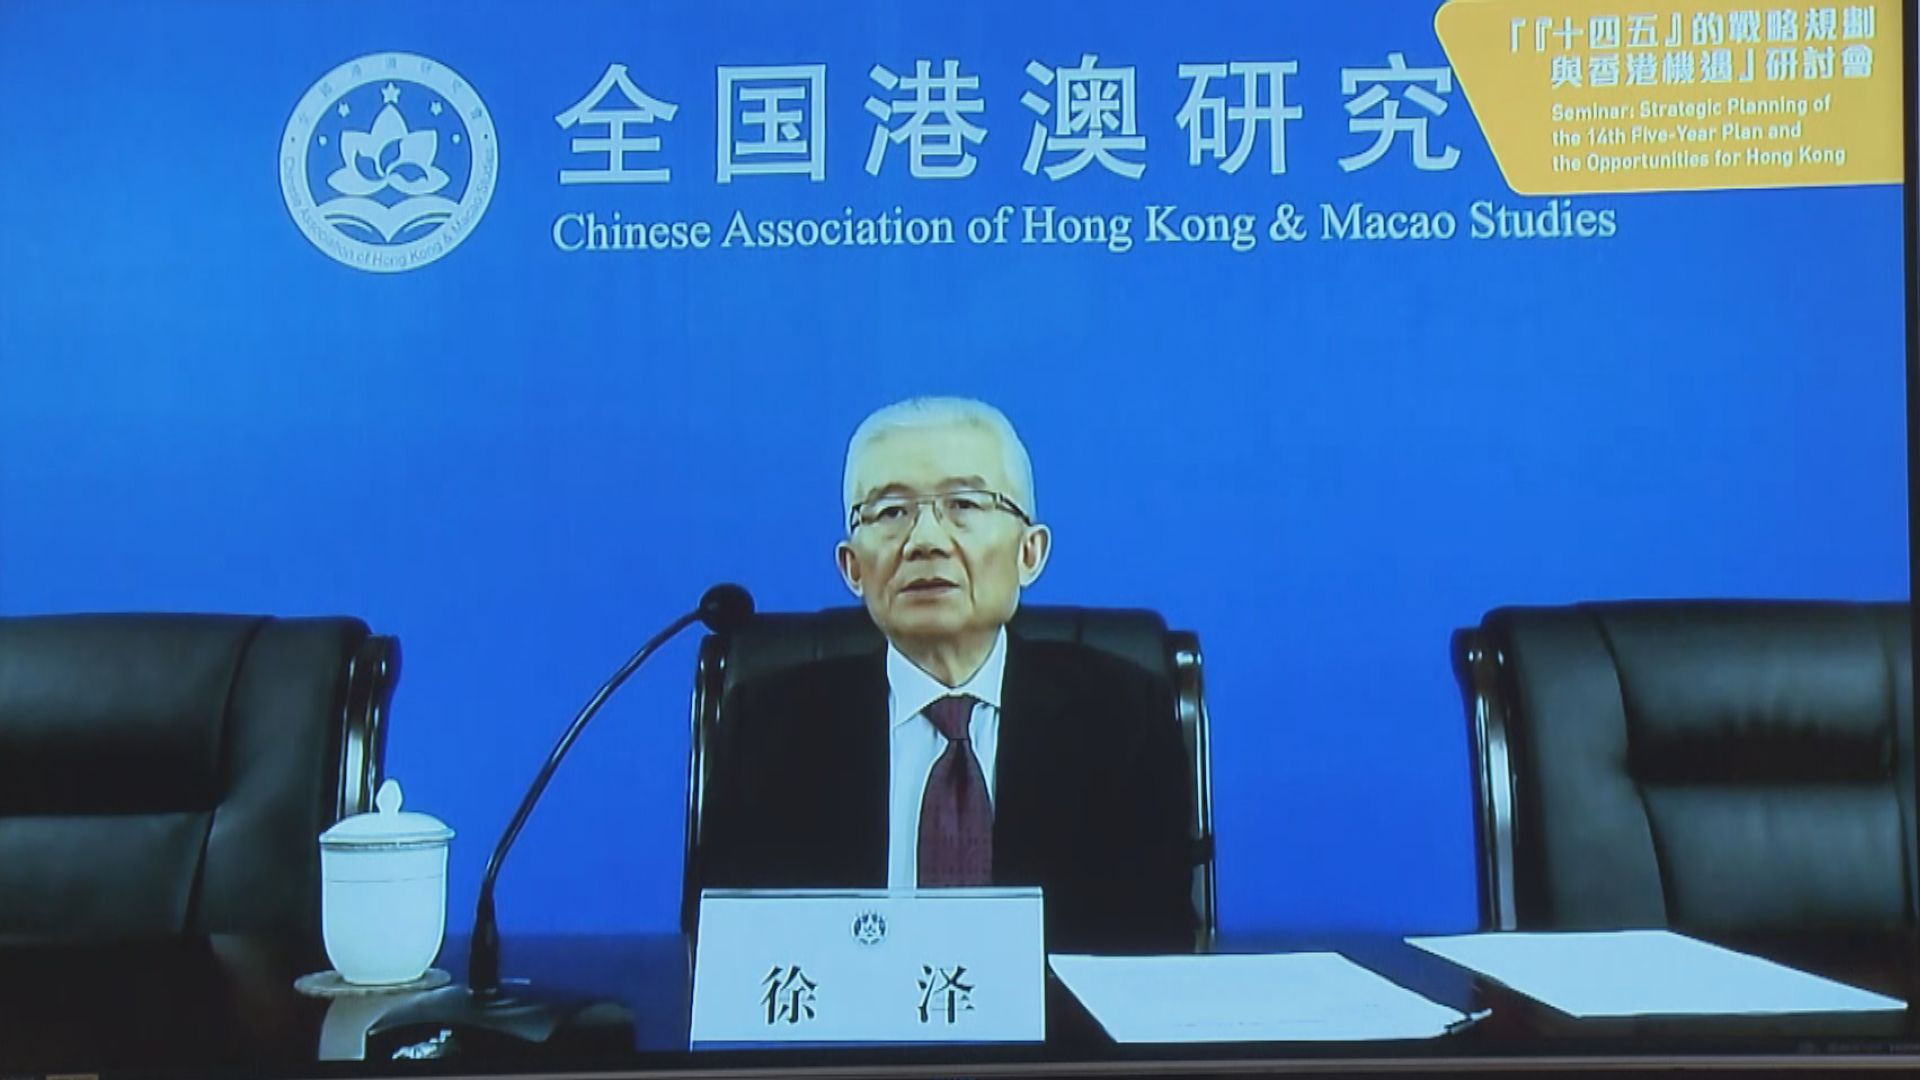 全國港澳研究會會長:香港應深刻領會「一國兩制」完整內涵